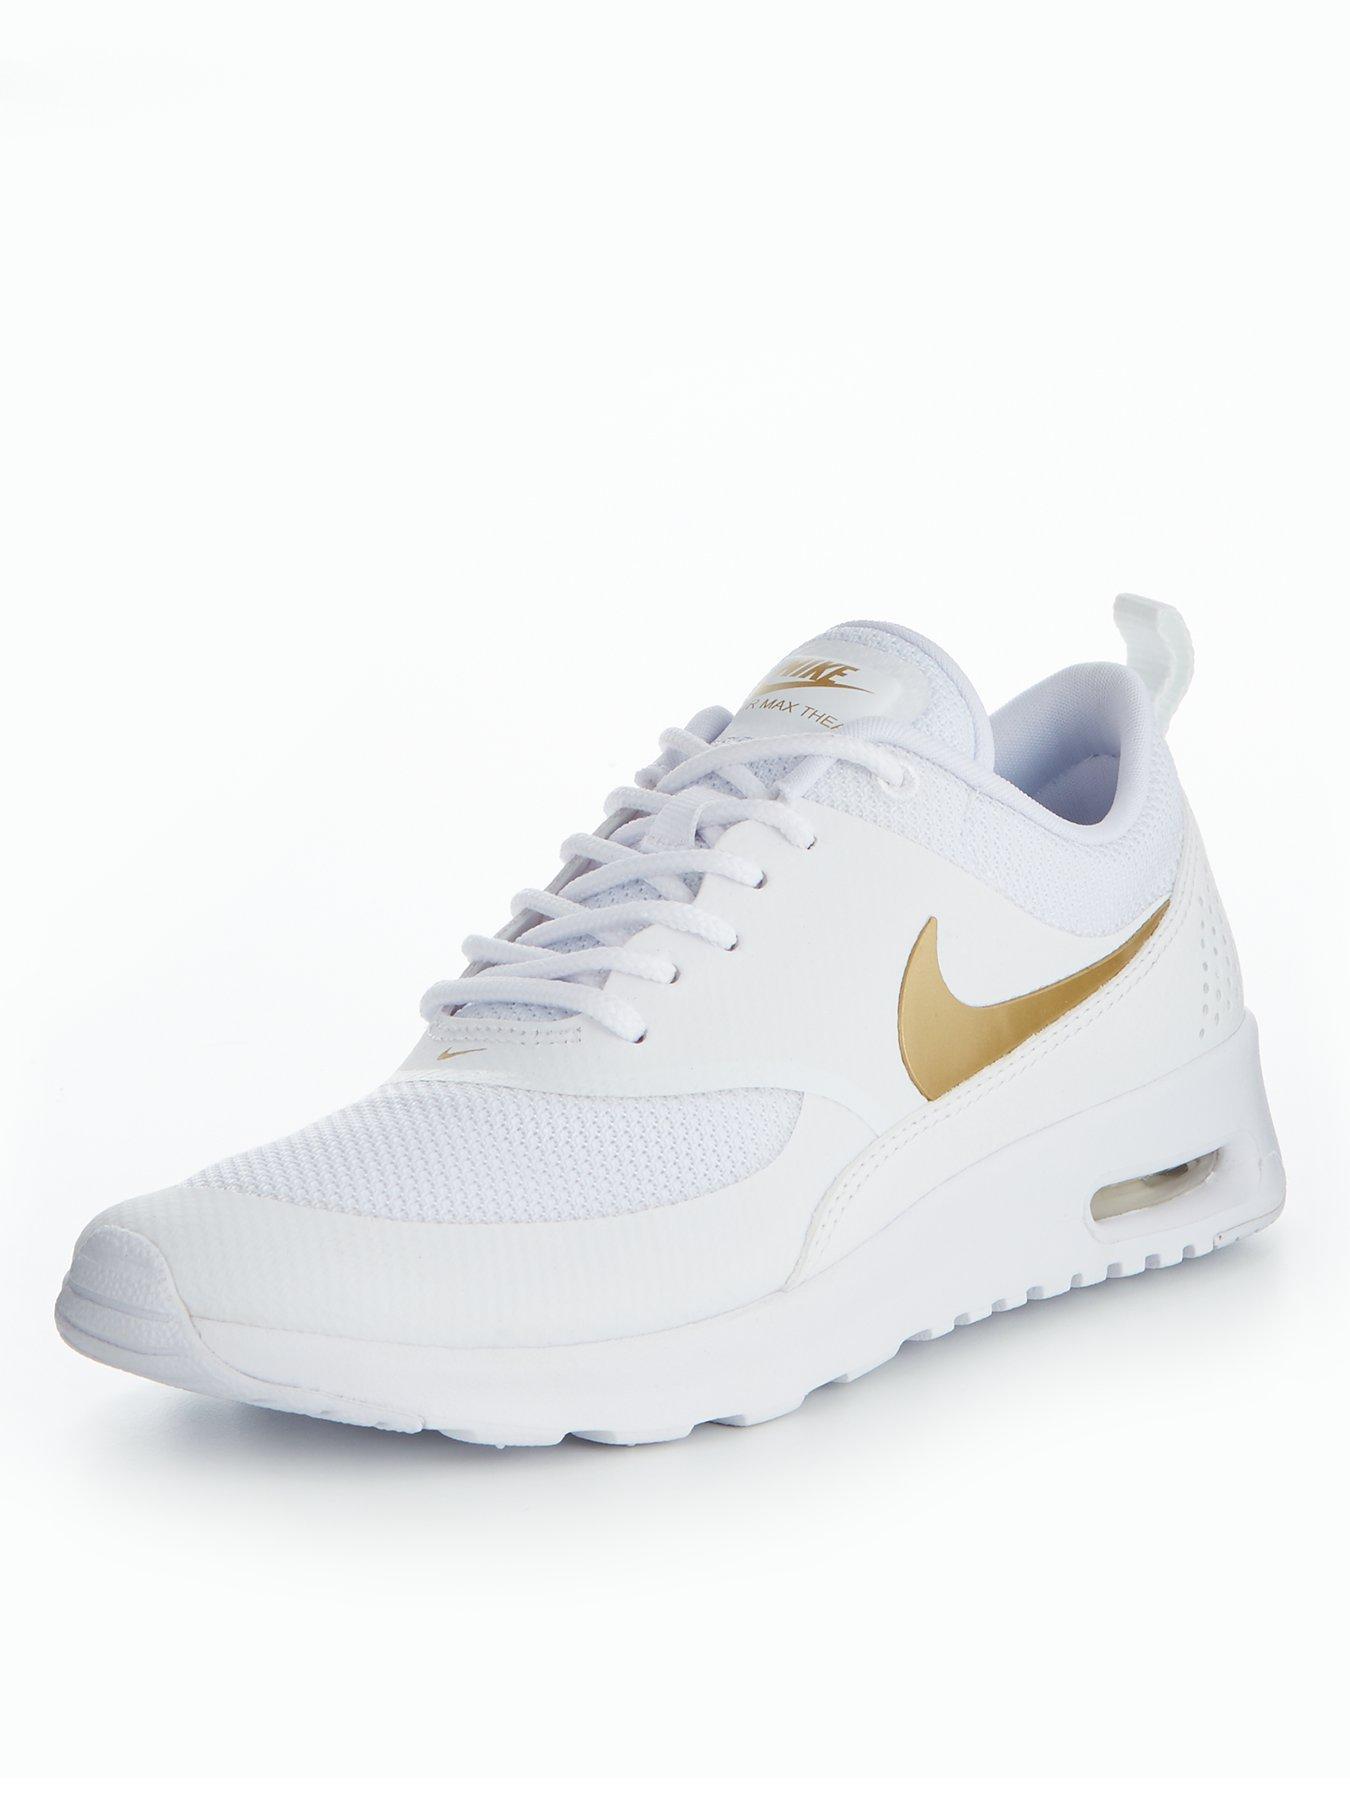 Nike Air Max Thea Metallic - White